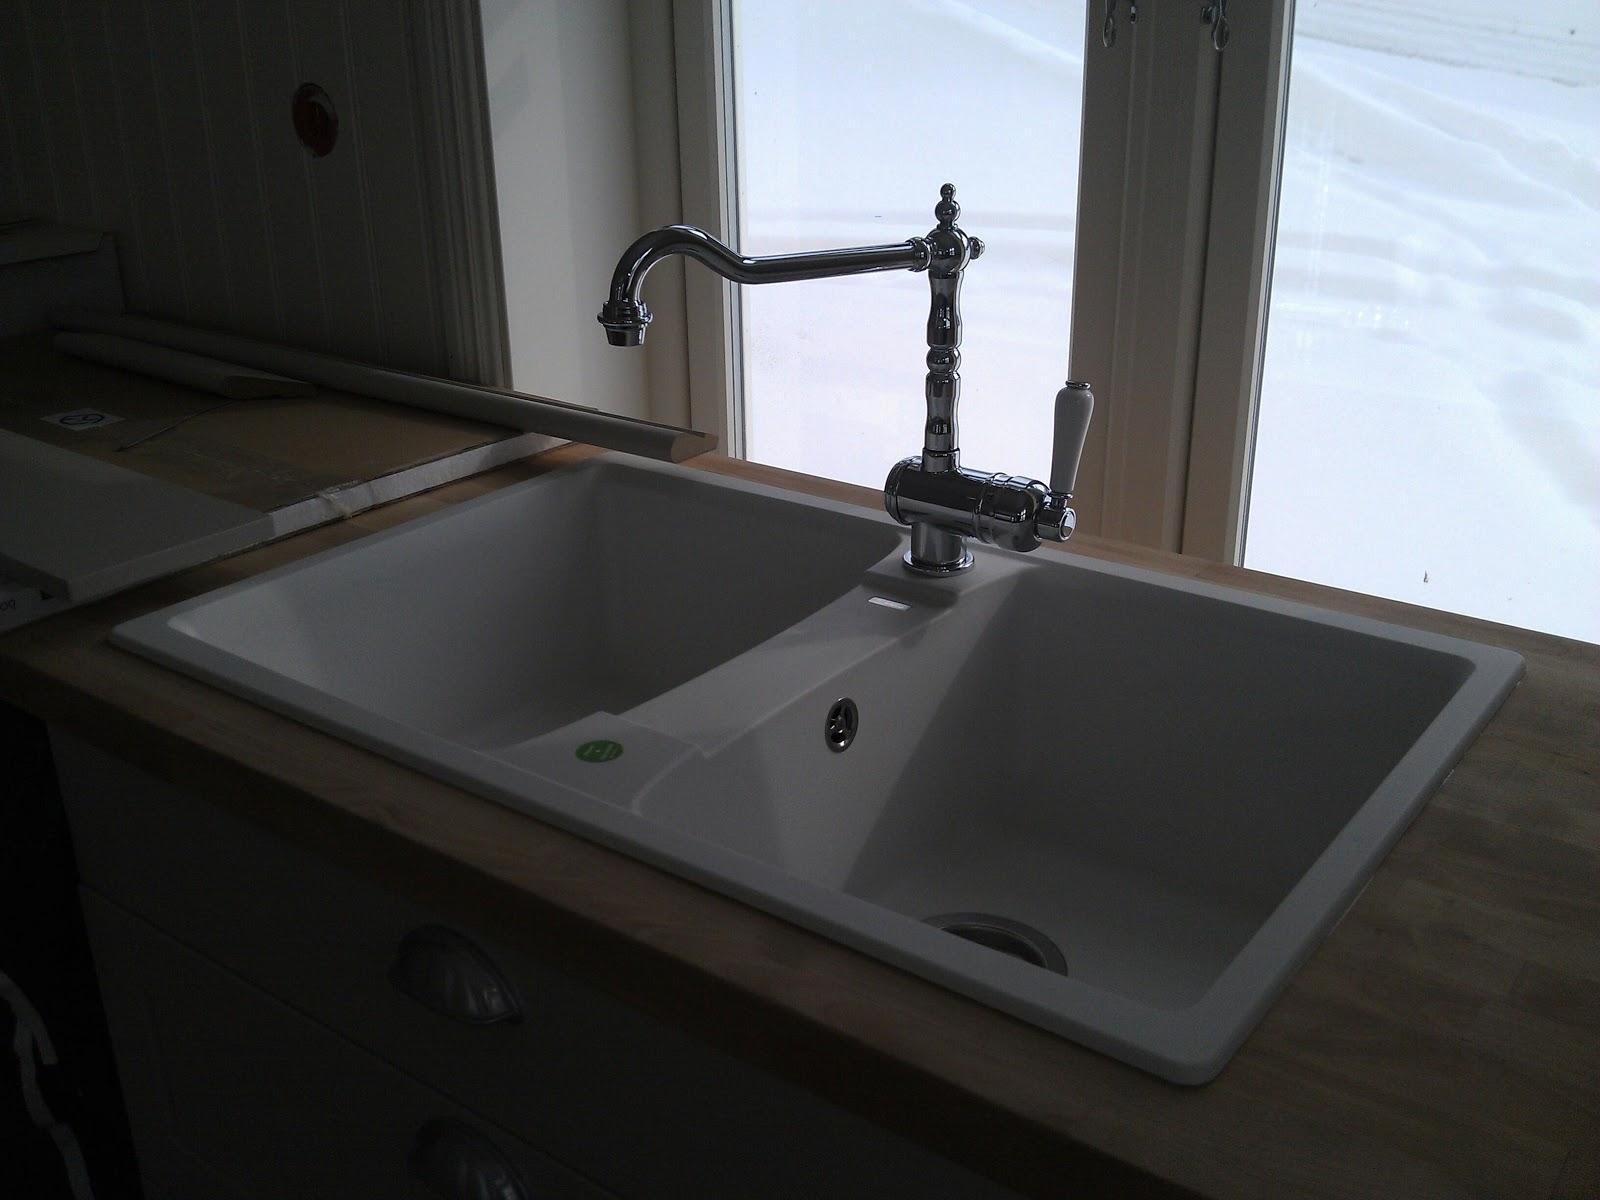 #255CA6 Dette års Bare Eirin: Nostalgisk Armatur Og Hvit Kompositt Vask!Begge Fra Blanco. Fritstående Køkkenbord Med Vask 4831 160012004831